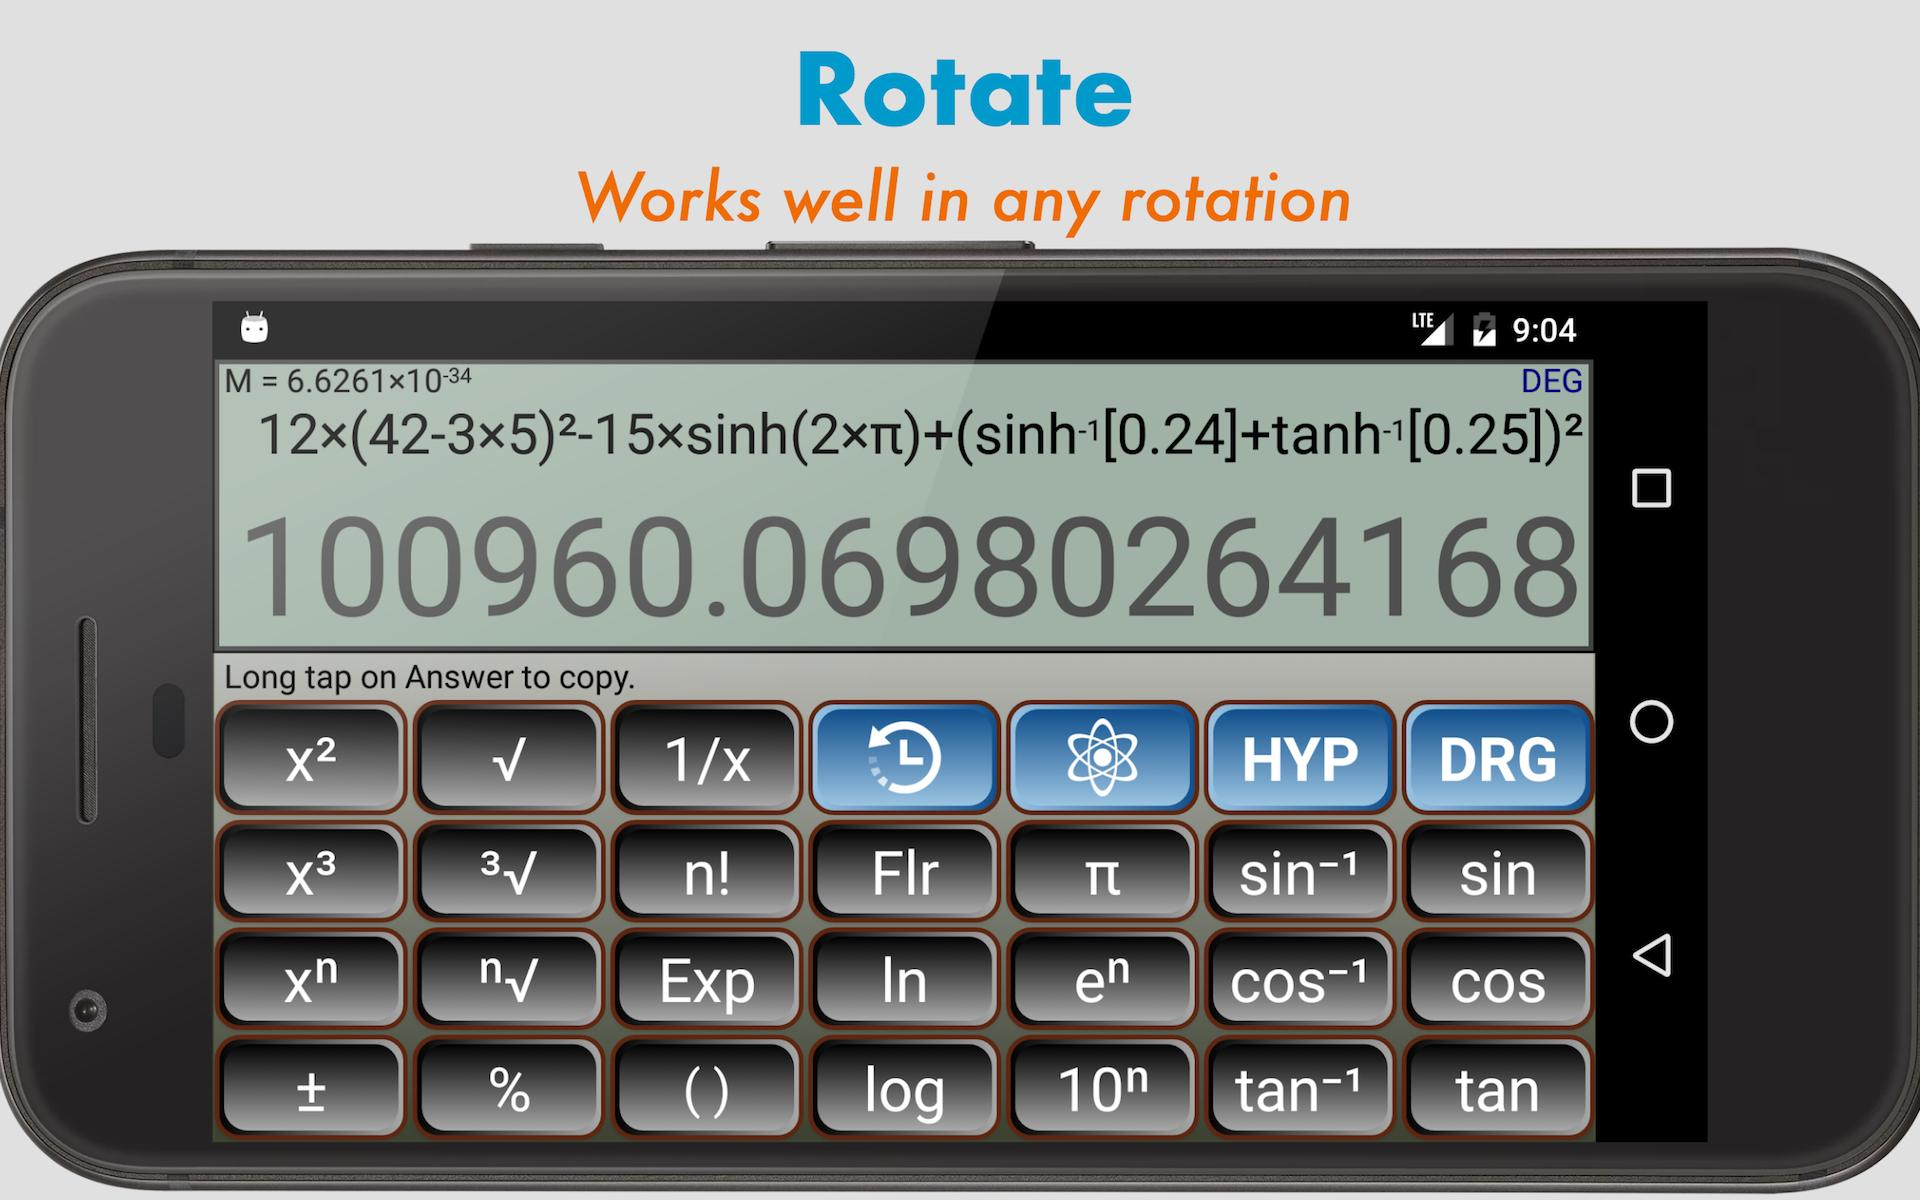 очень много хранилище фото калькулятор плюс рисунки асфальте